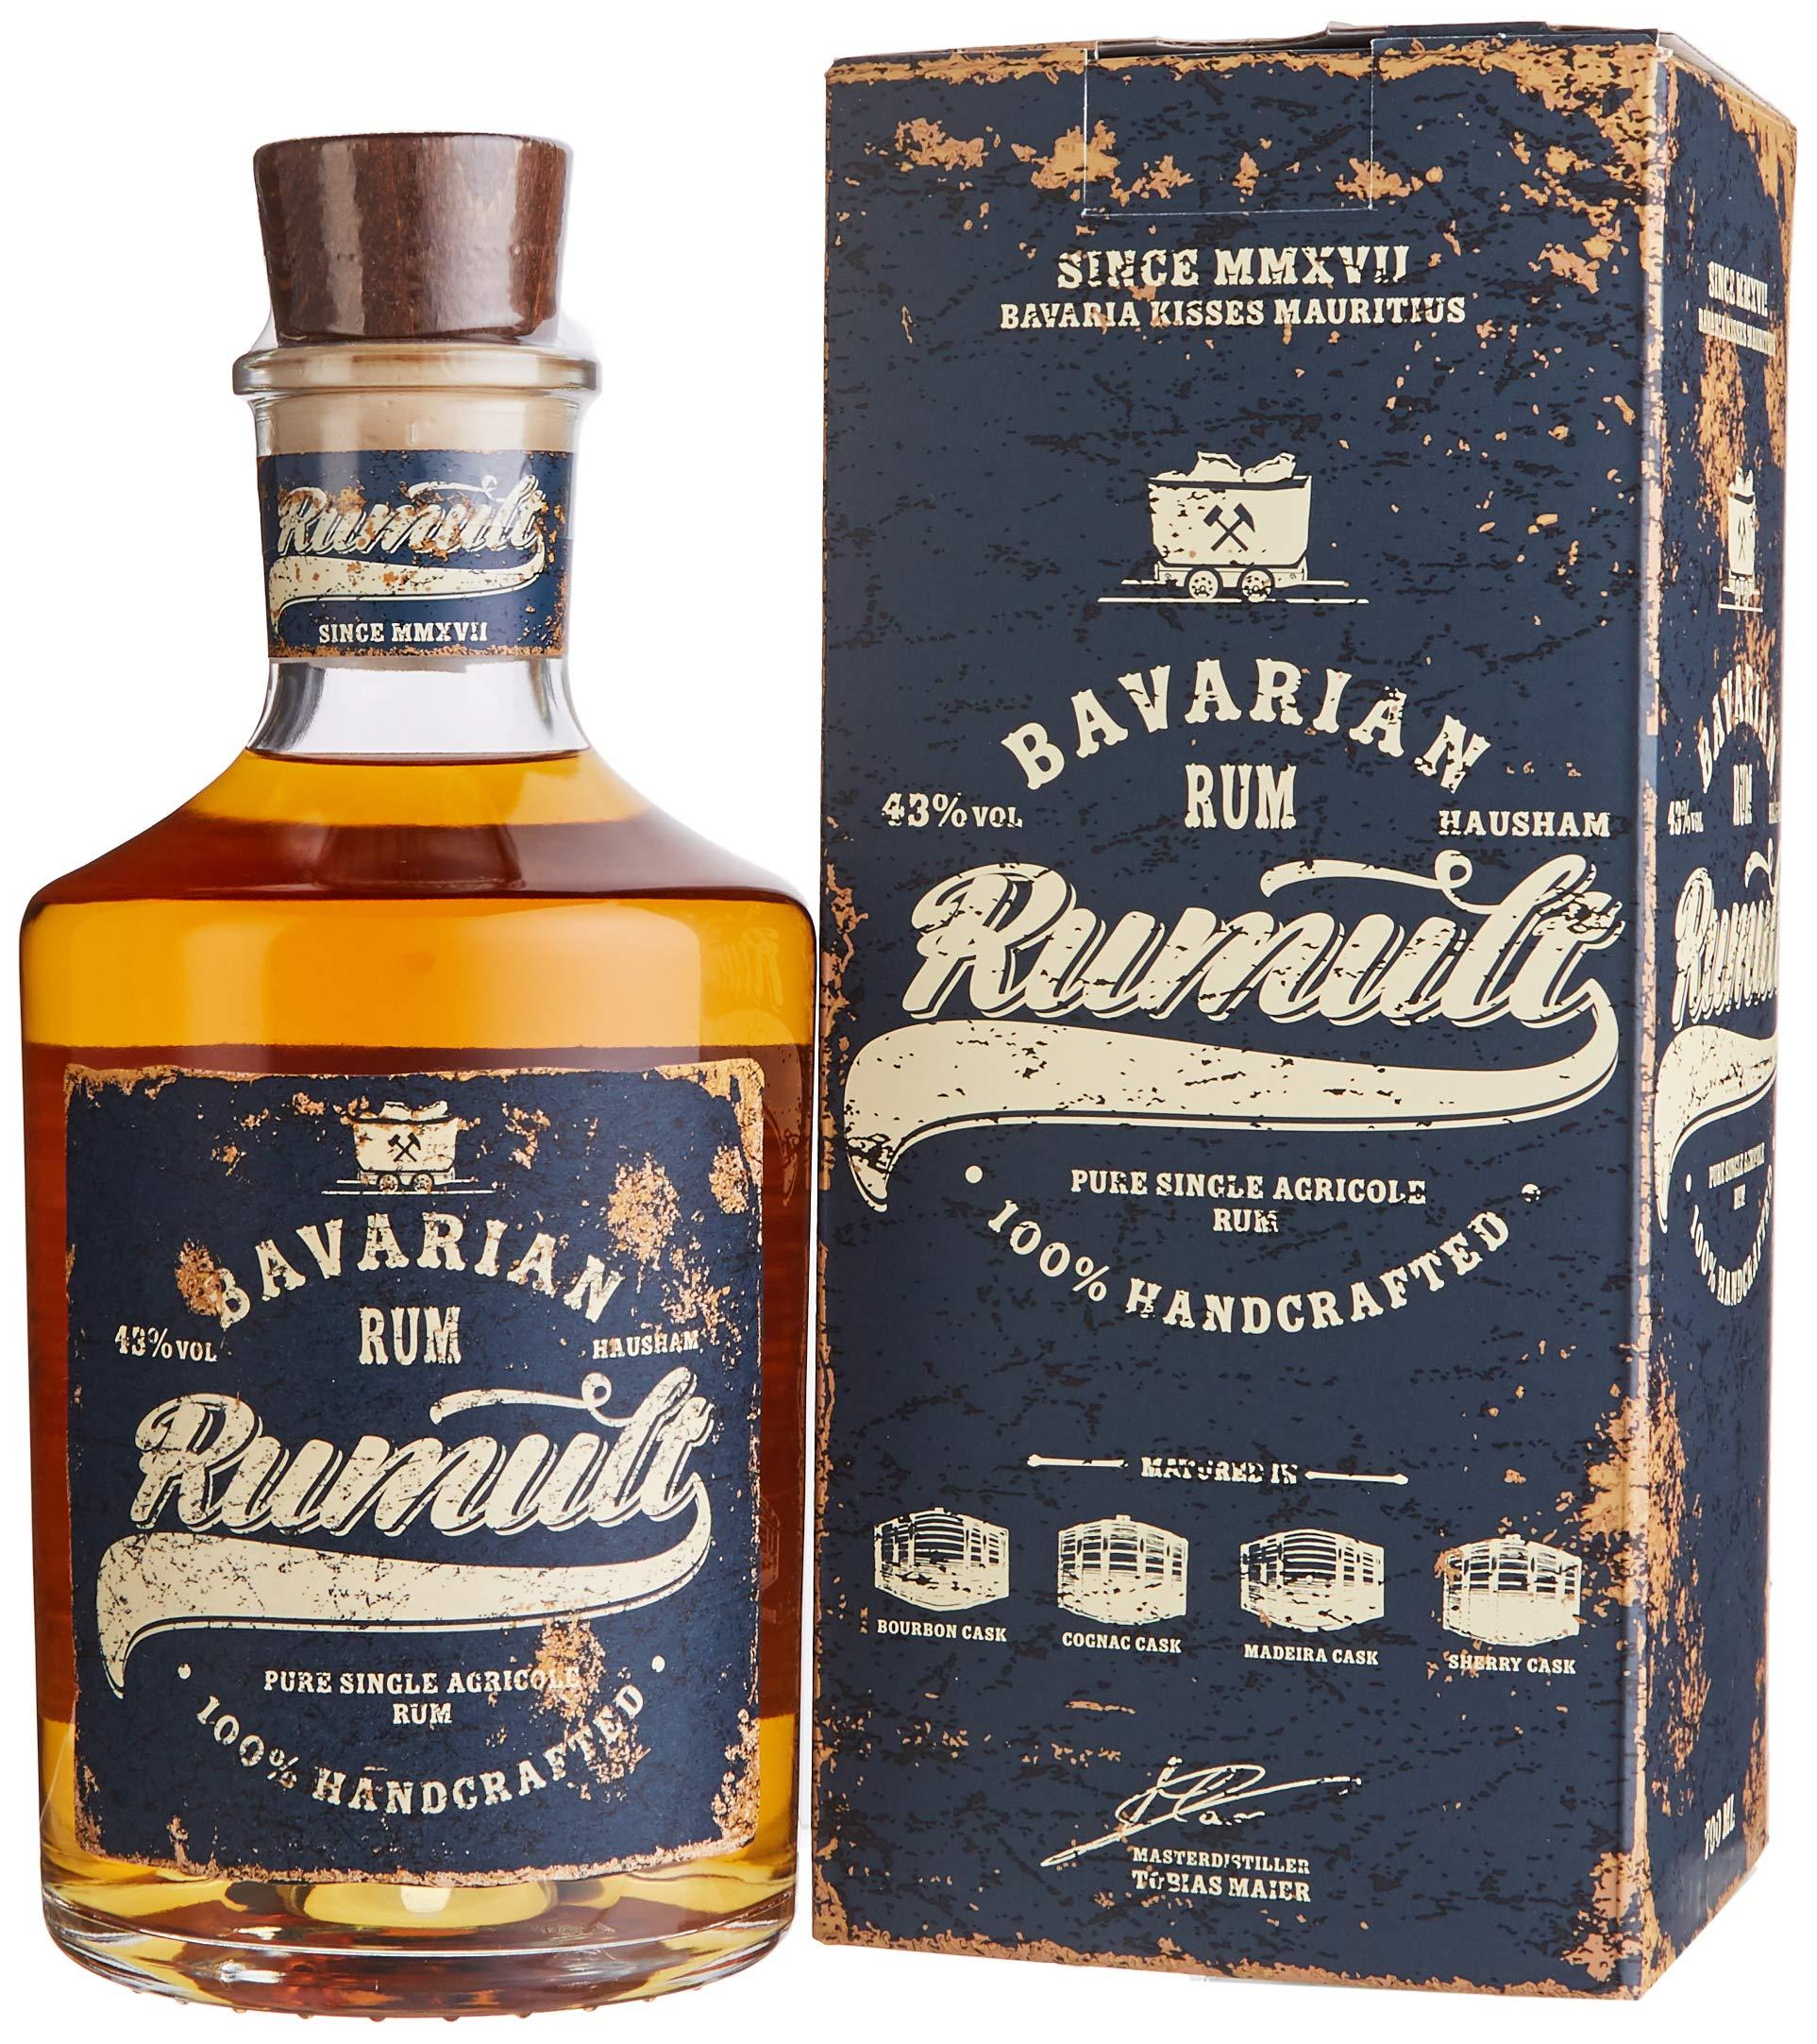 Rumult-Bavarian-Rum-1-x-07-l